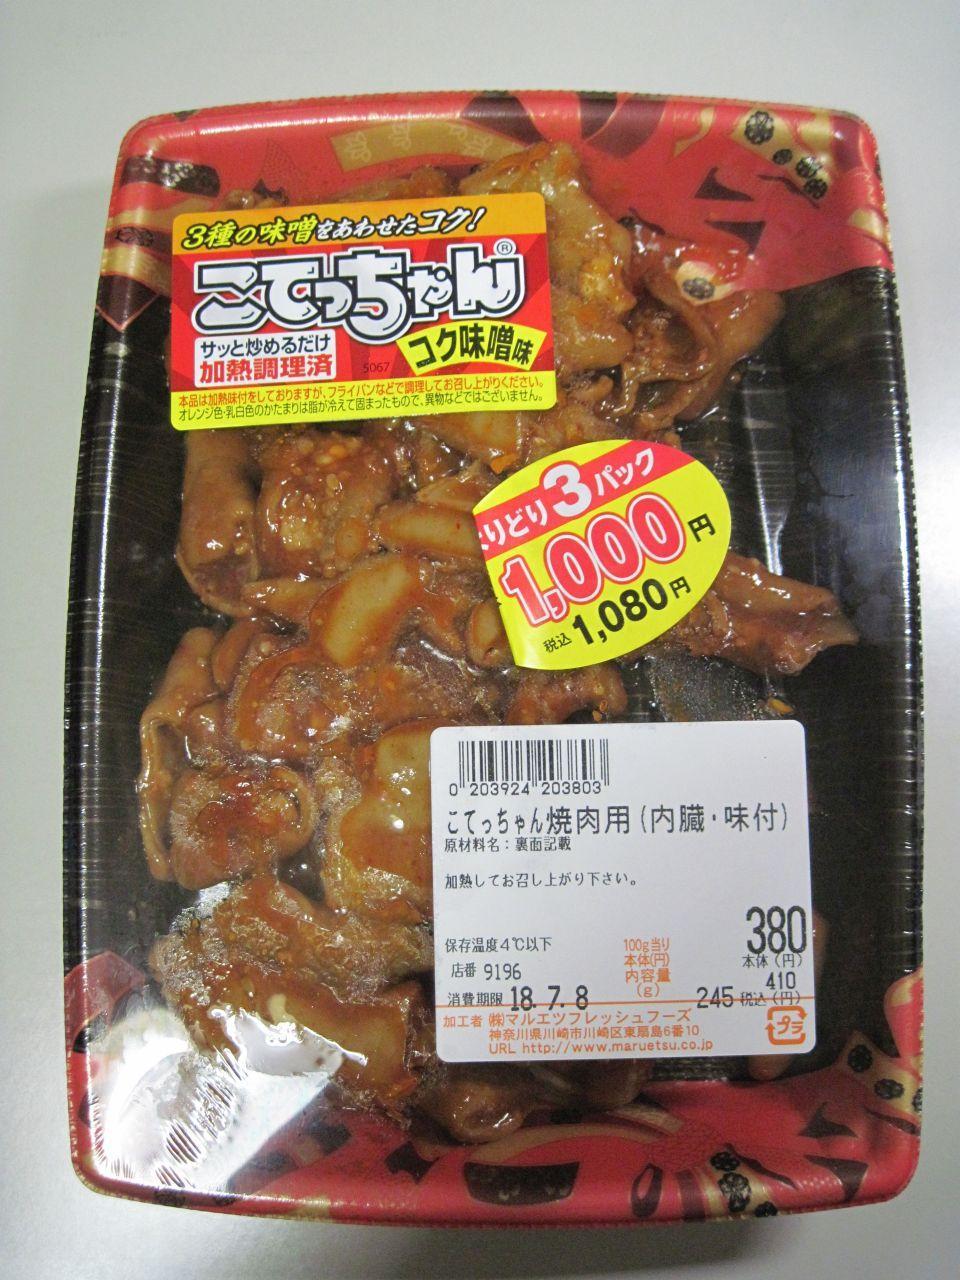 レビューメディア「ジグソー」コク味噌味で食って激ウマの410円。ご飯がすすみました。これはすごい!